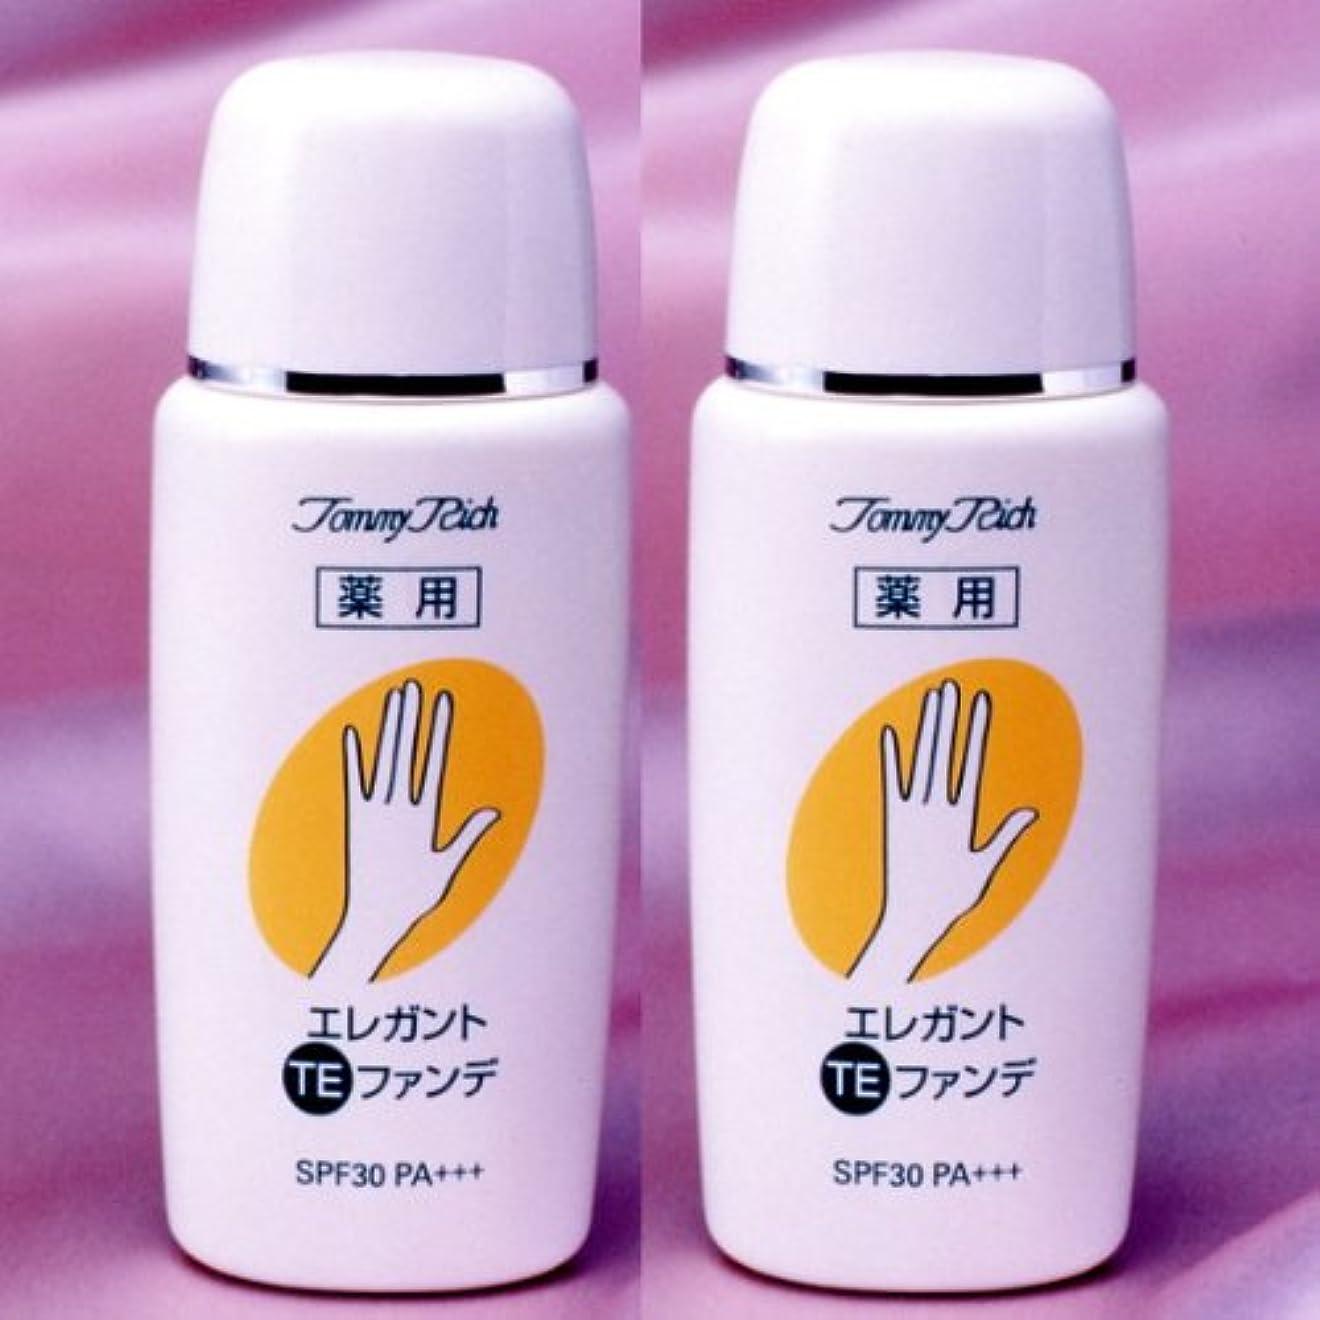 シンジケート損失ペンフレンド手や腕のシミや老班をカバーして、白く清潔で美しい手になる!! 「薬用エレガントTEファンデ 2個セット」